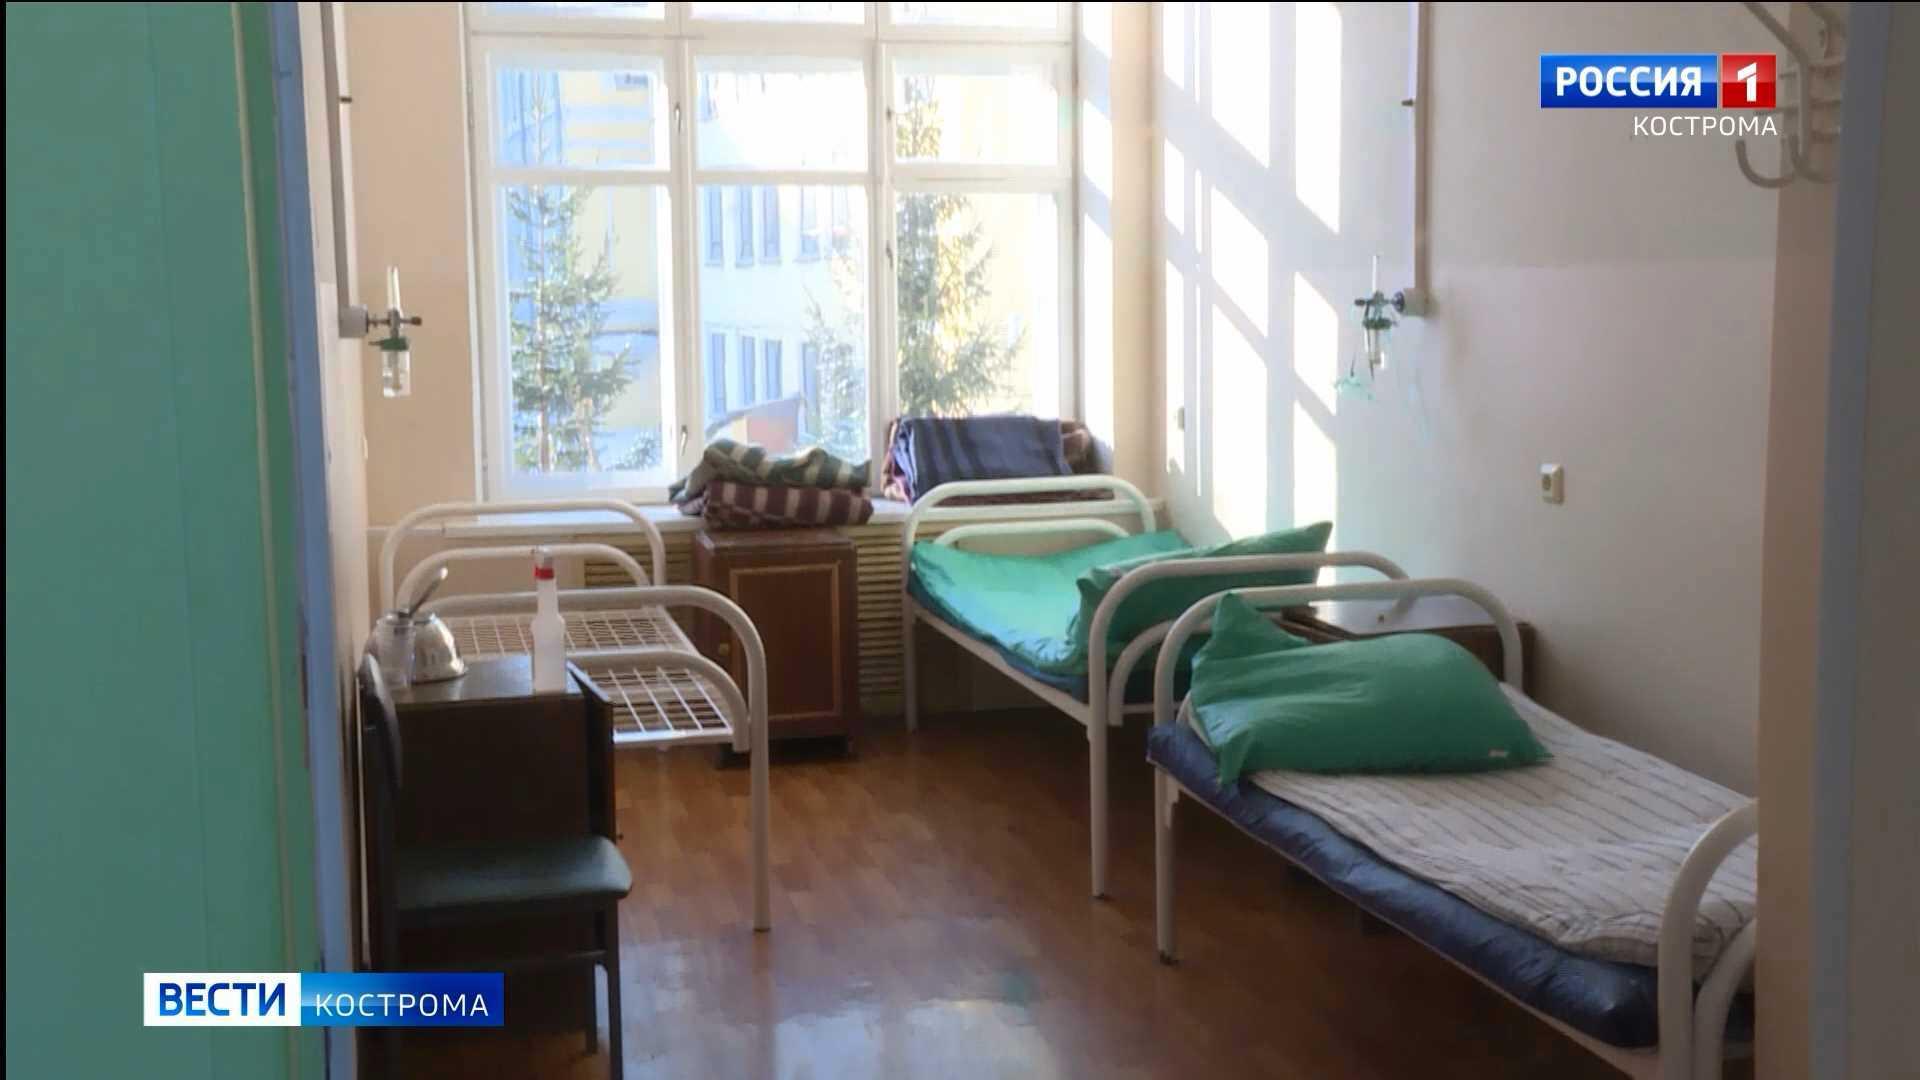 Сразу три «красные зоны» закрылись в костромских больницах